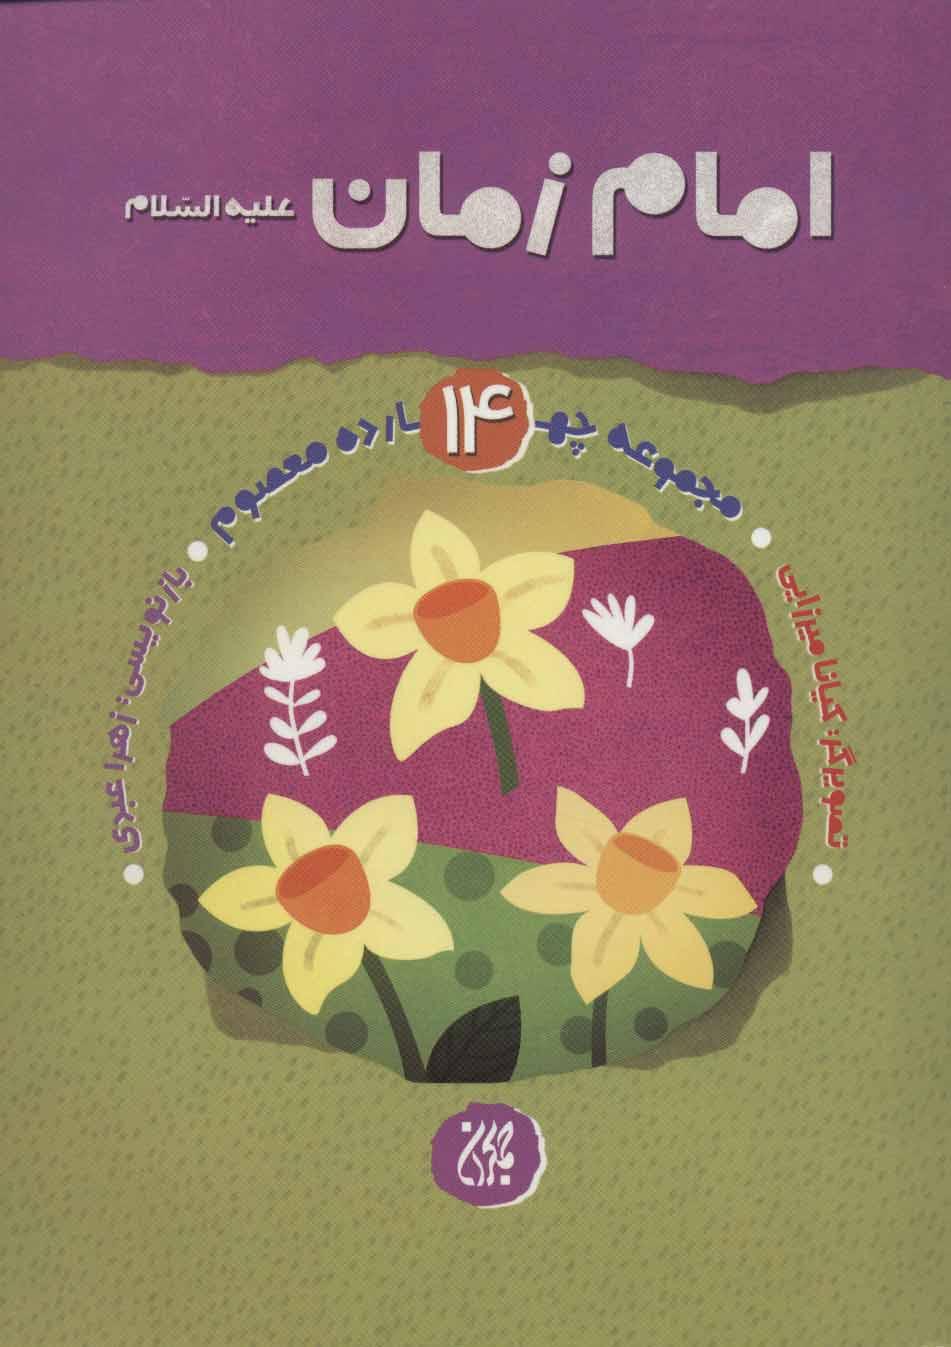 مجموعه چهارده معصوم14 (امام زمان (ع))،(گلاسه)